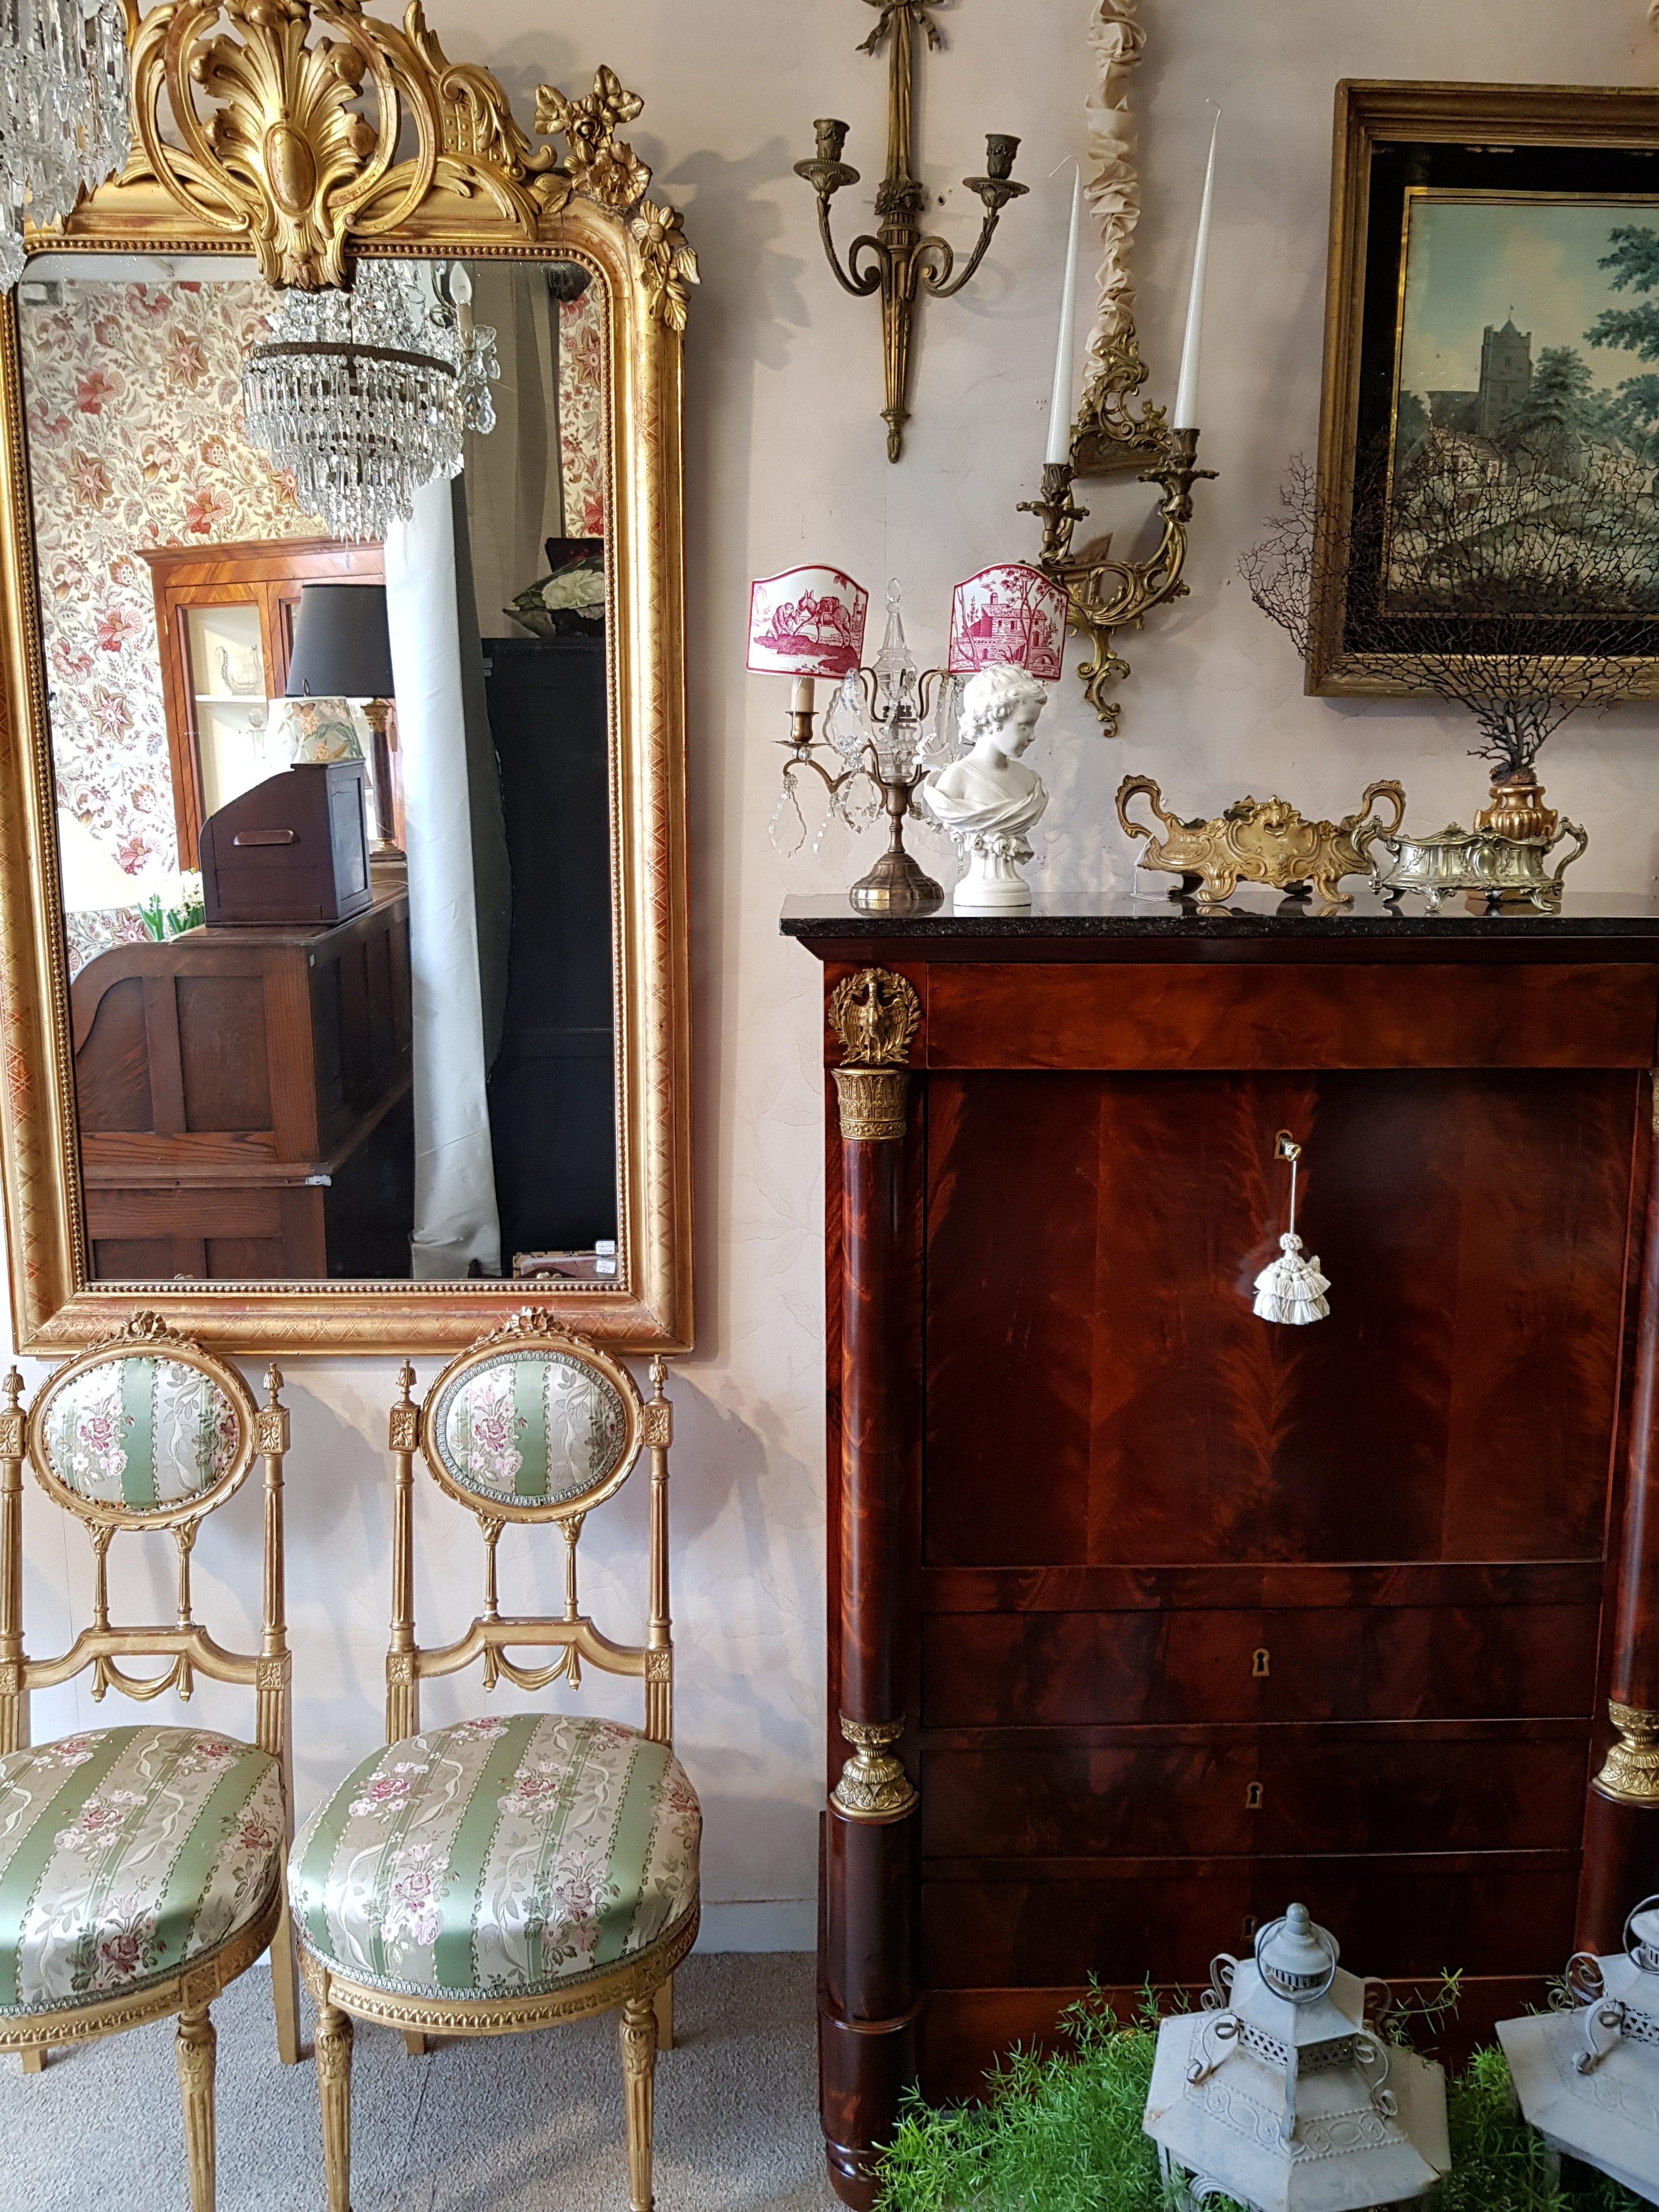 Primavera nel nostro negozio antichit bellini for Tessuti arredamento inglesi